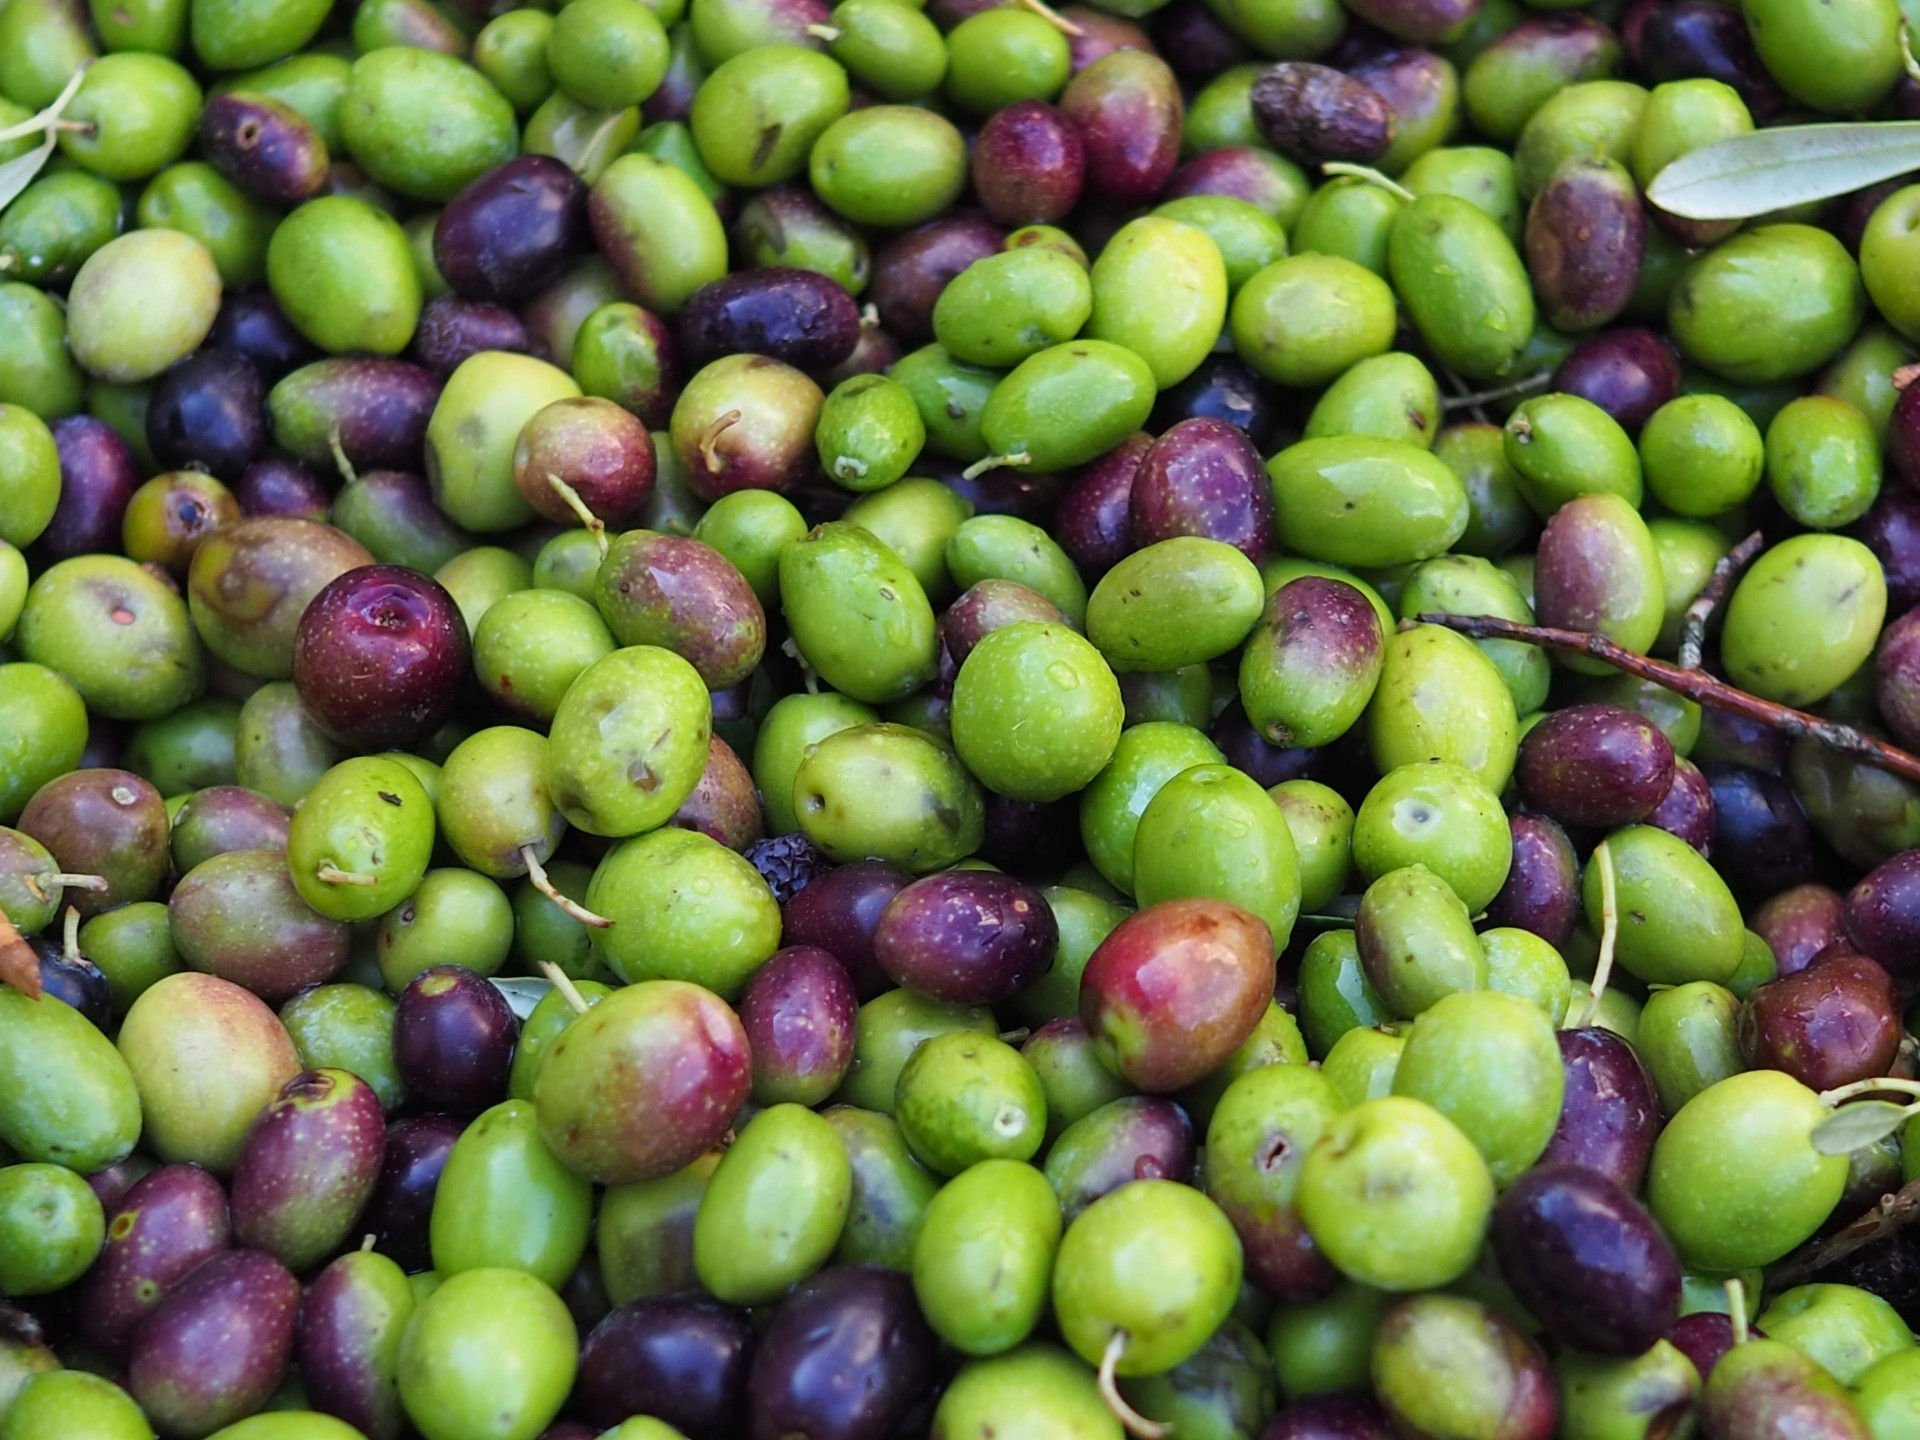 緑色のオリーブの実、とても健康的で良い状態です。